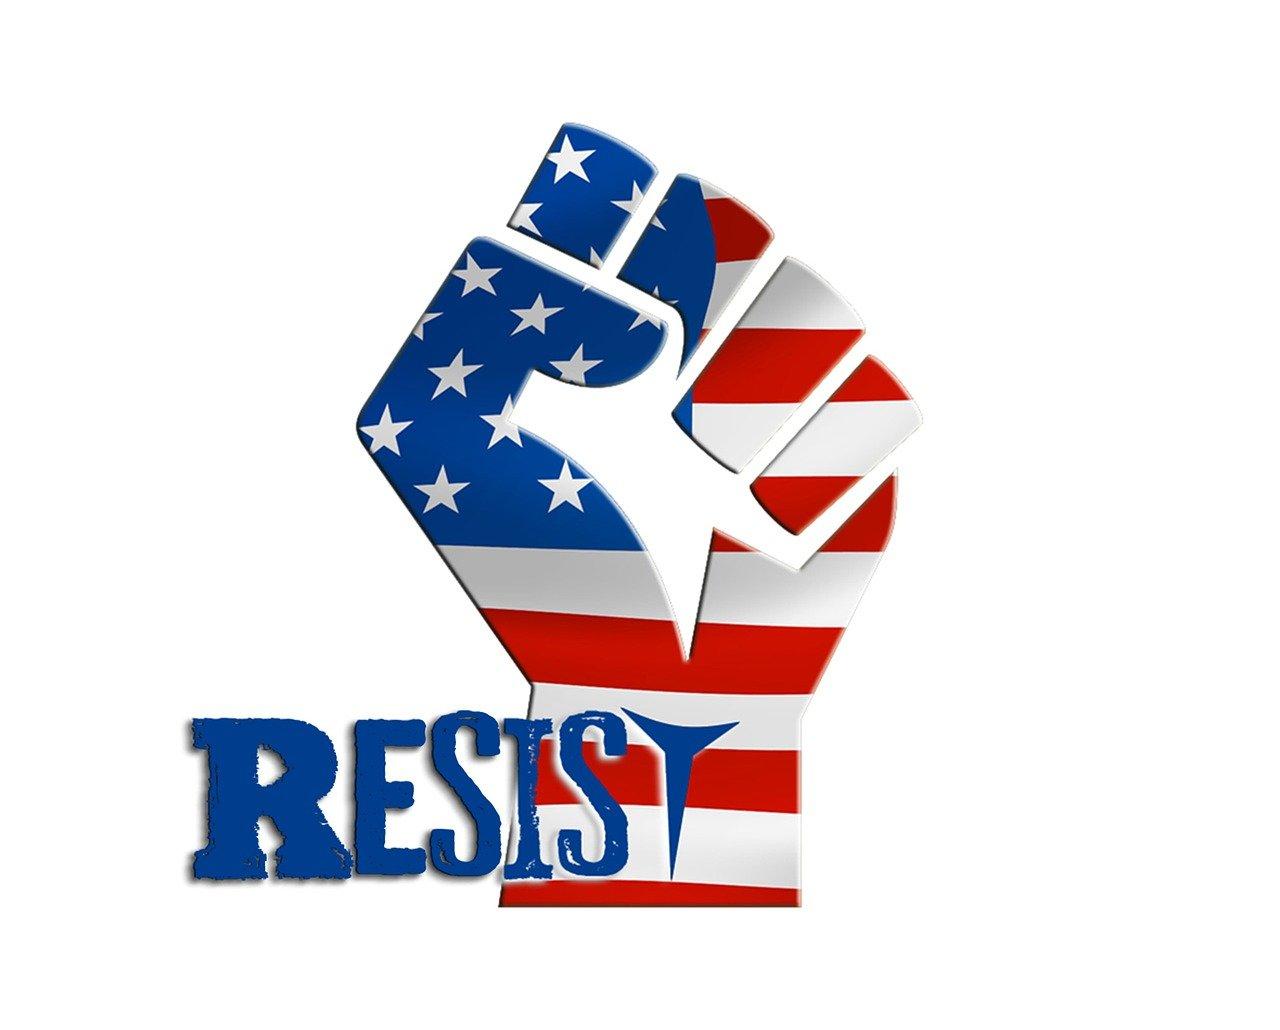 Resist voter fraud